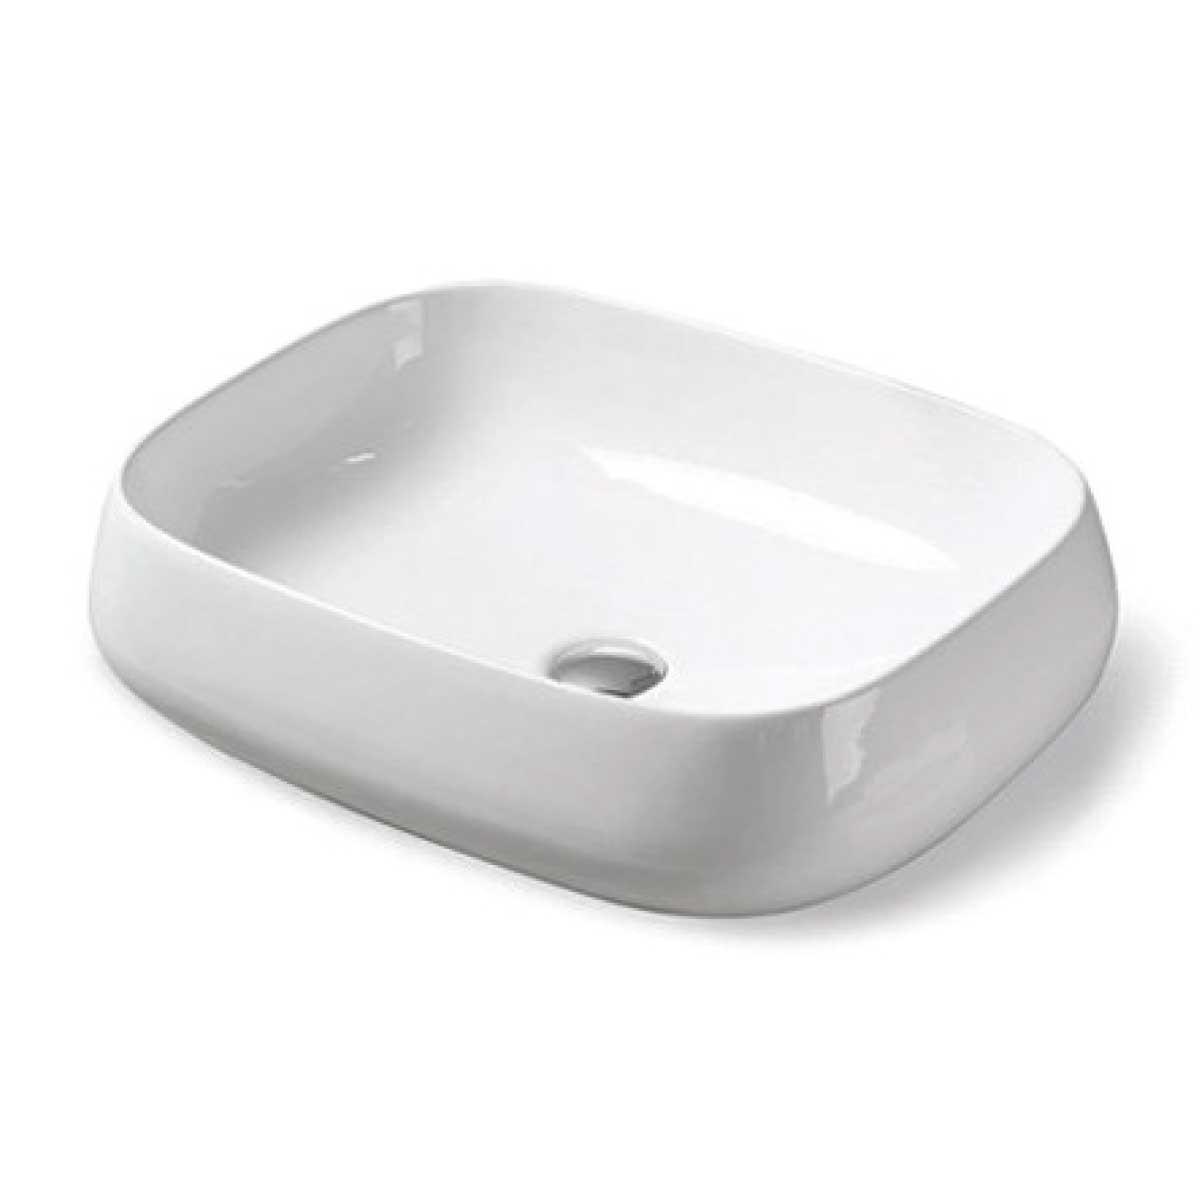 Раковина керамическая Vincea VBS-107, 560*420*145, накладная, цвет белый